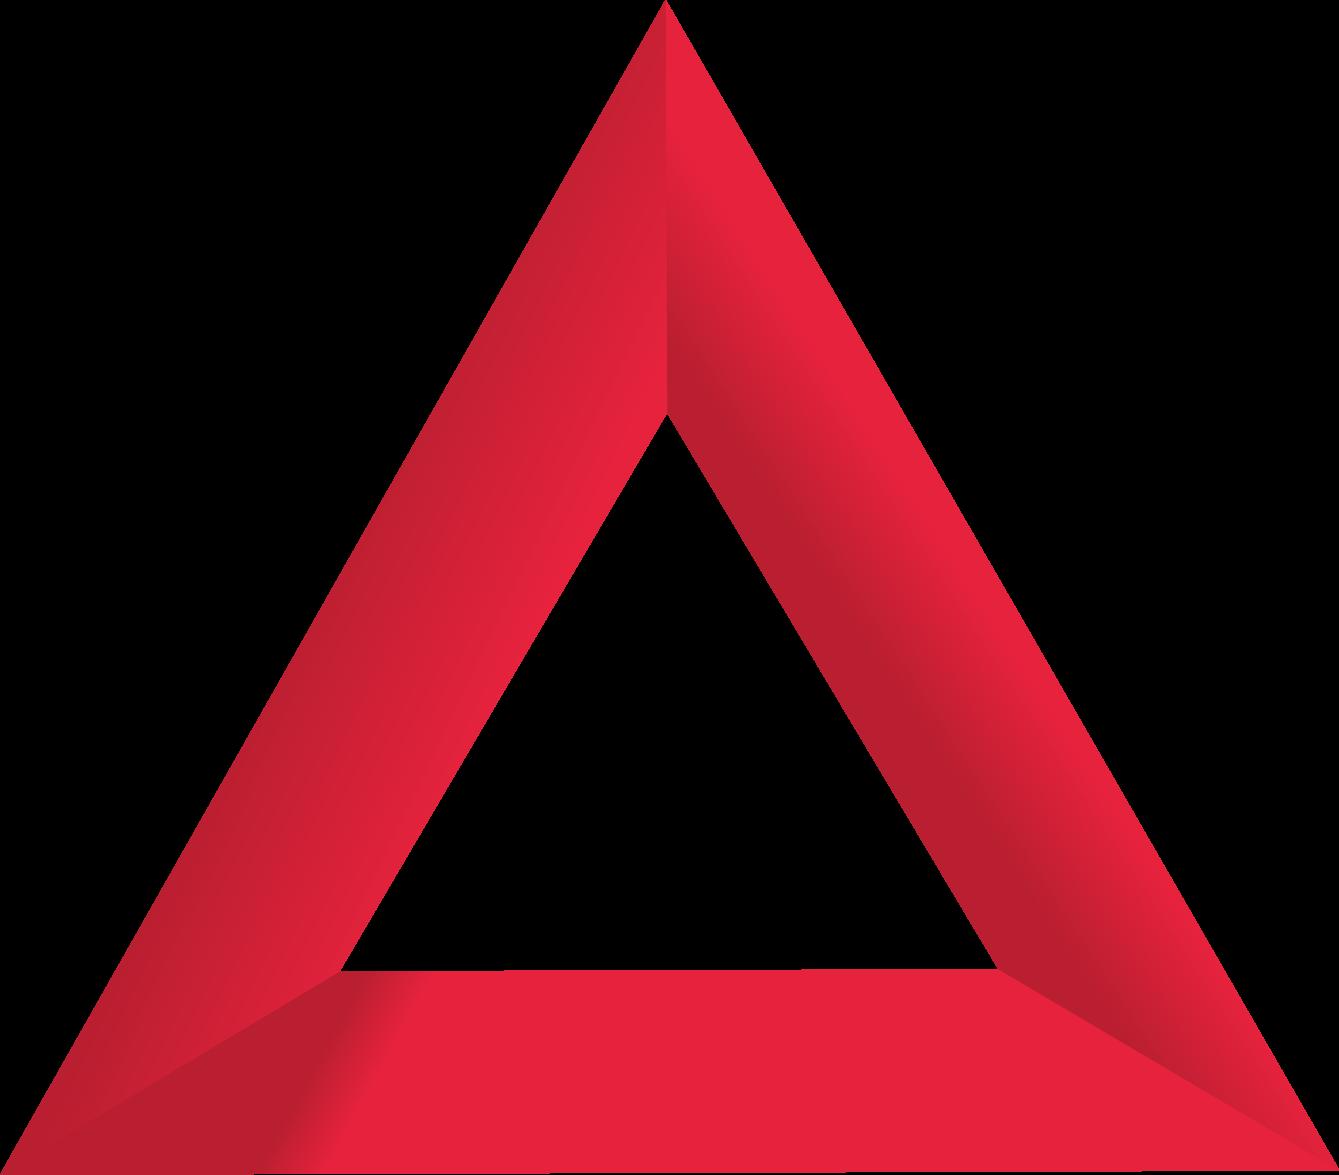 Треугольник PNG